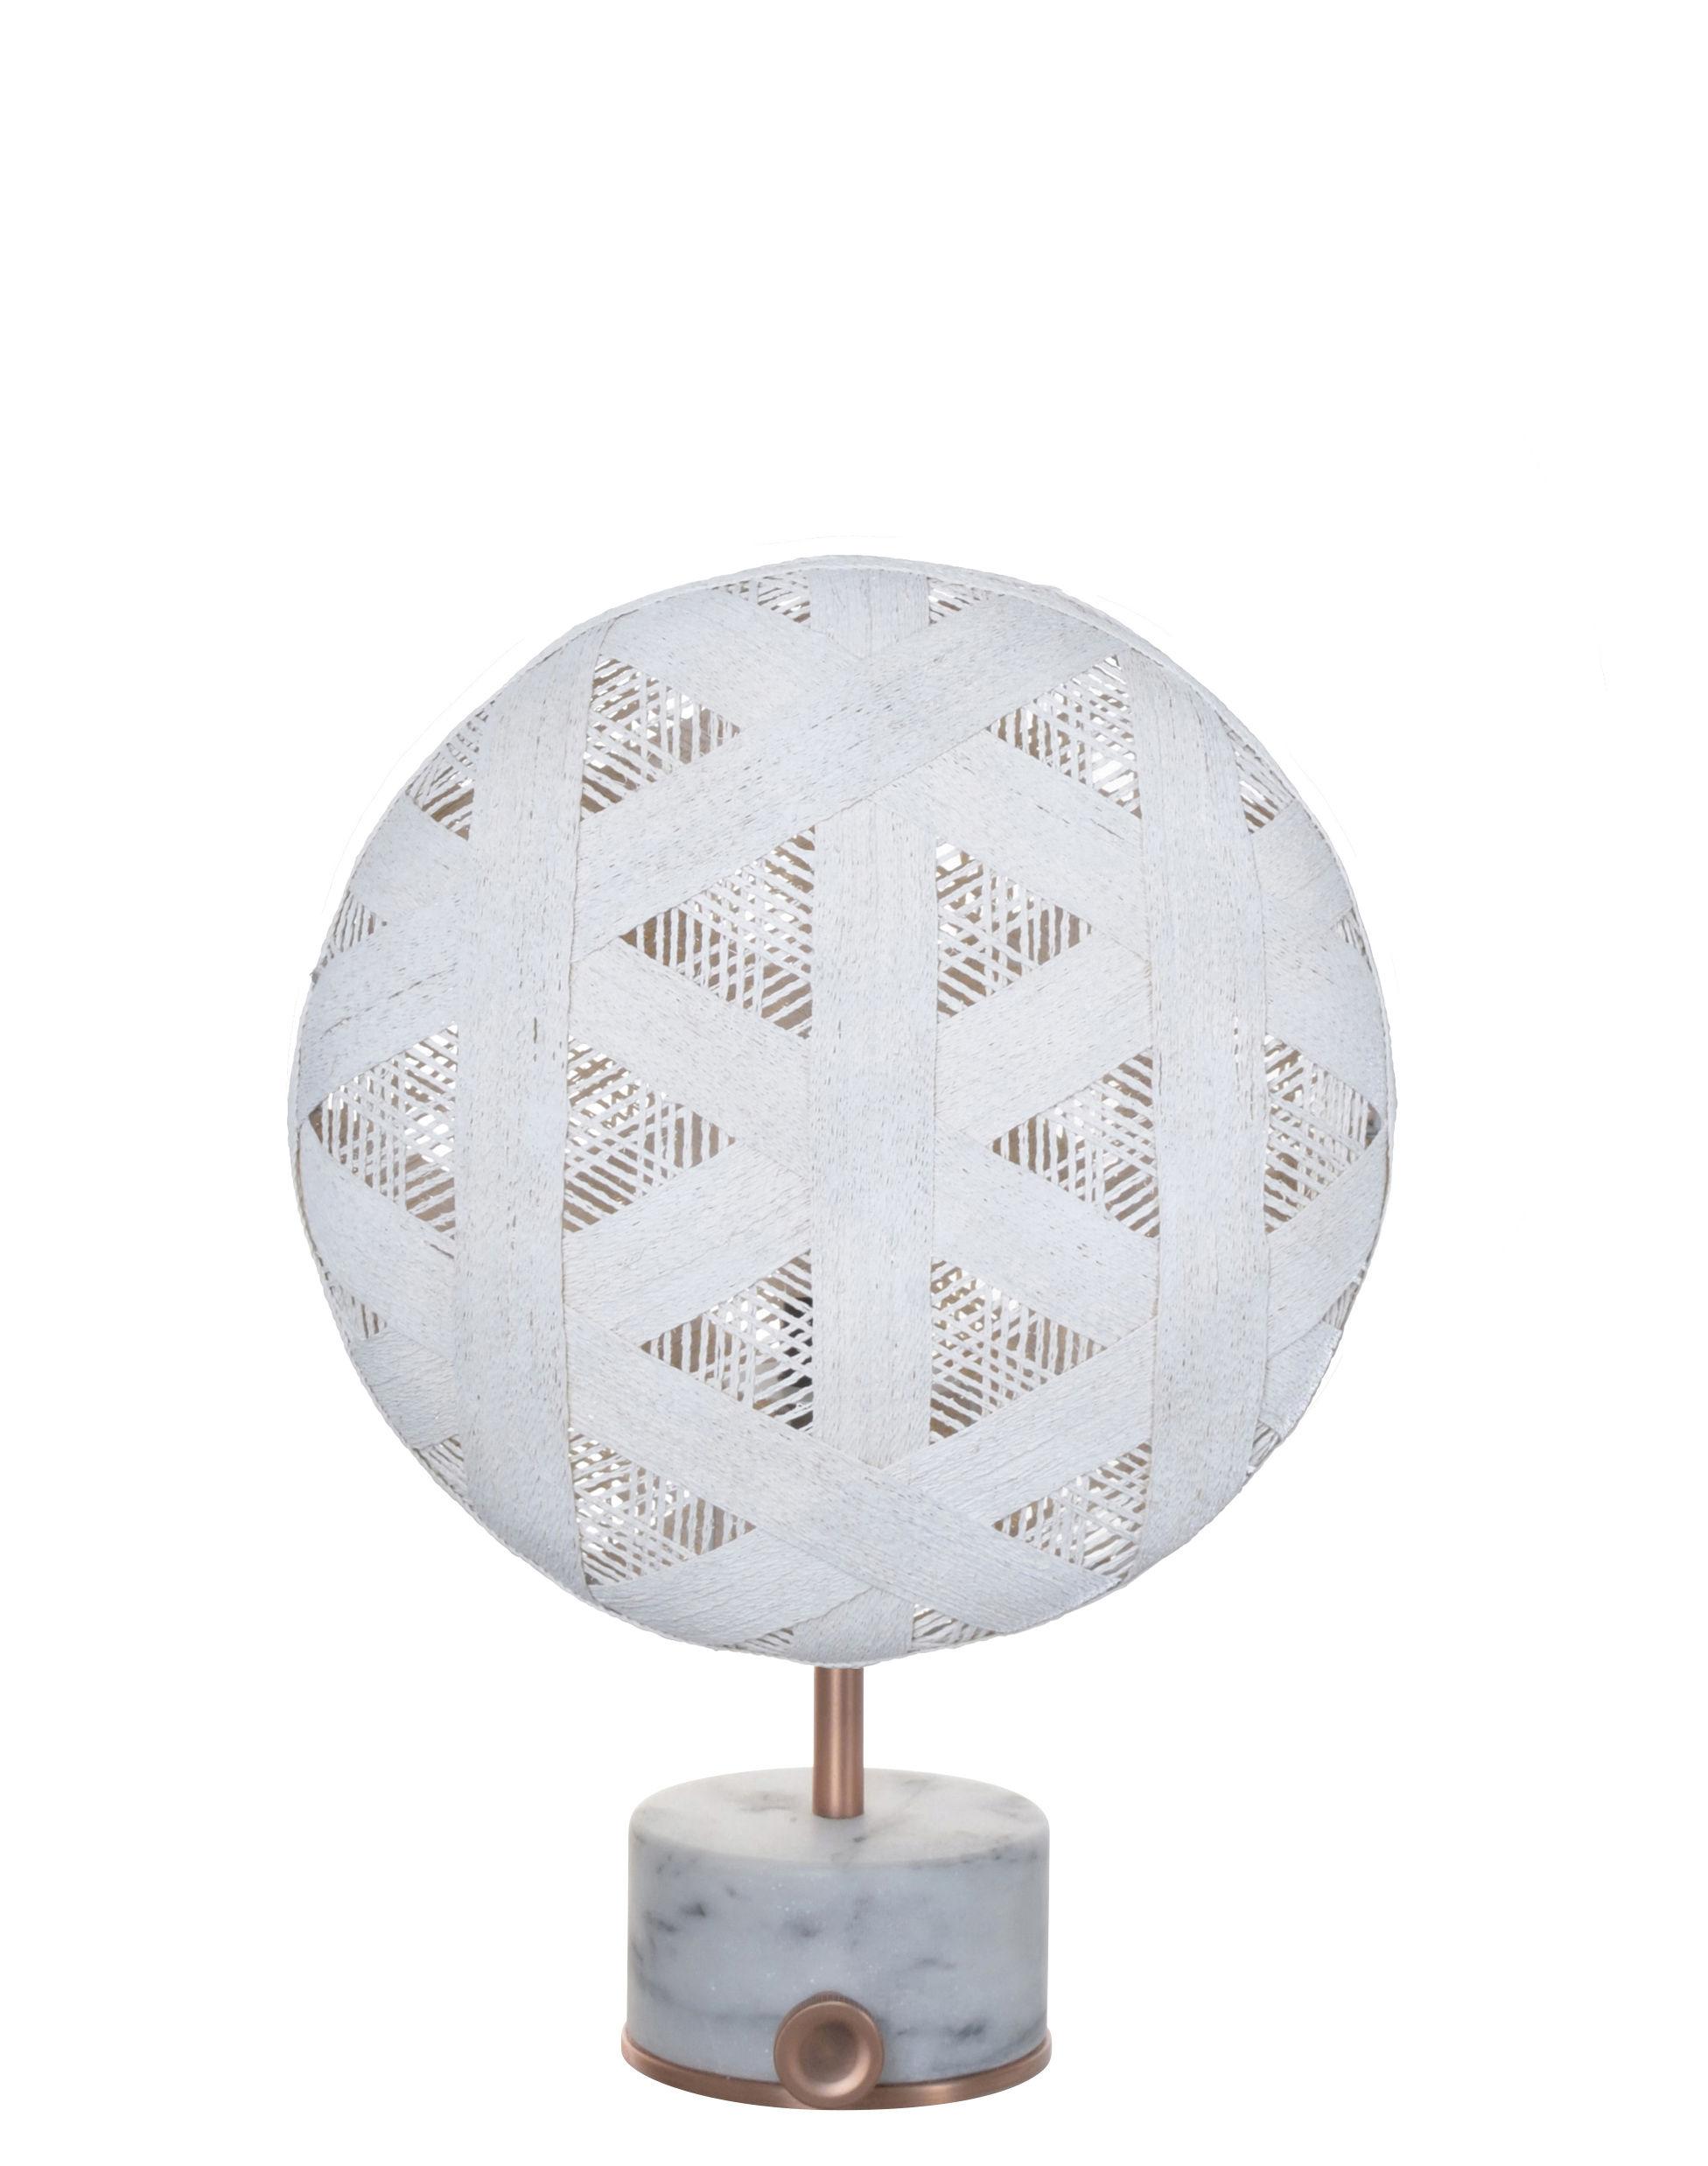 Luminaire - Lampes de table - Lampe de table Chanpen Hexagon / Ø 26 cm - Motifs triangles - Forestier - Blanc / Cuivre - Abaca tissé, Marbre, Métal